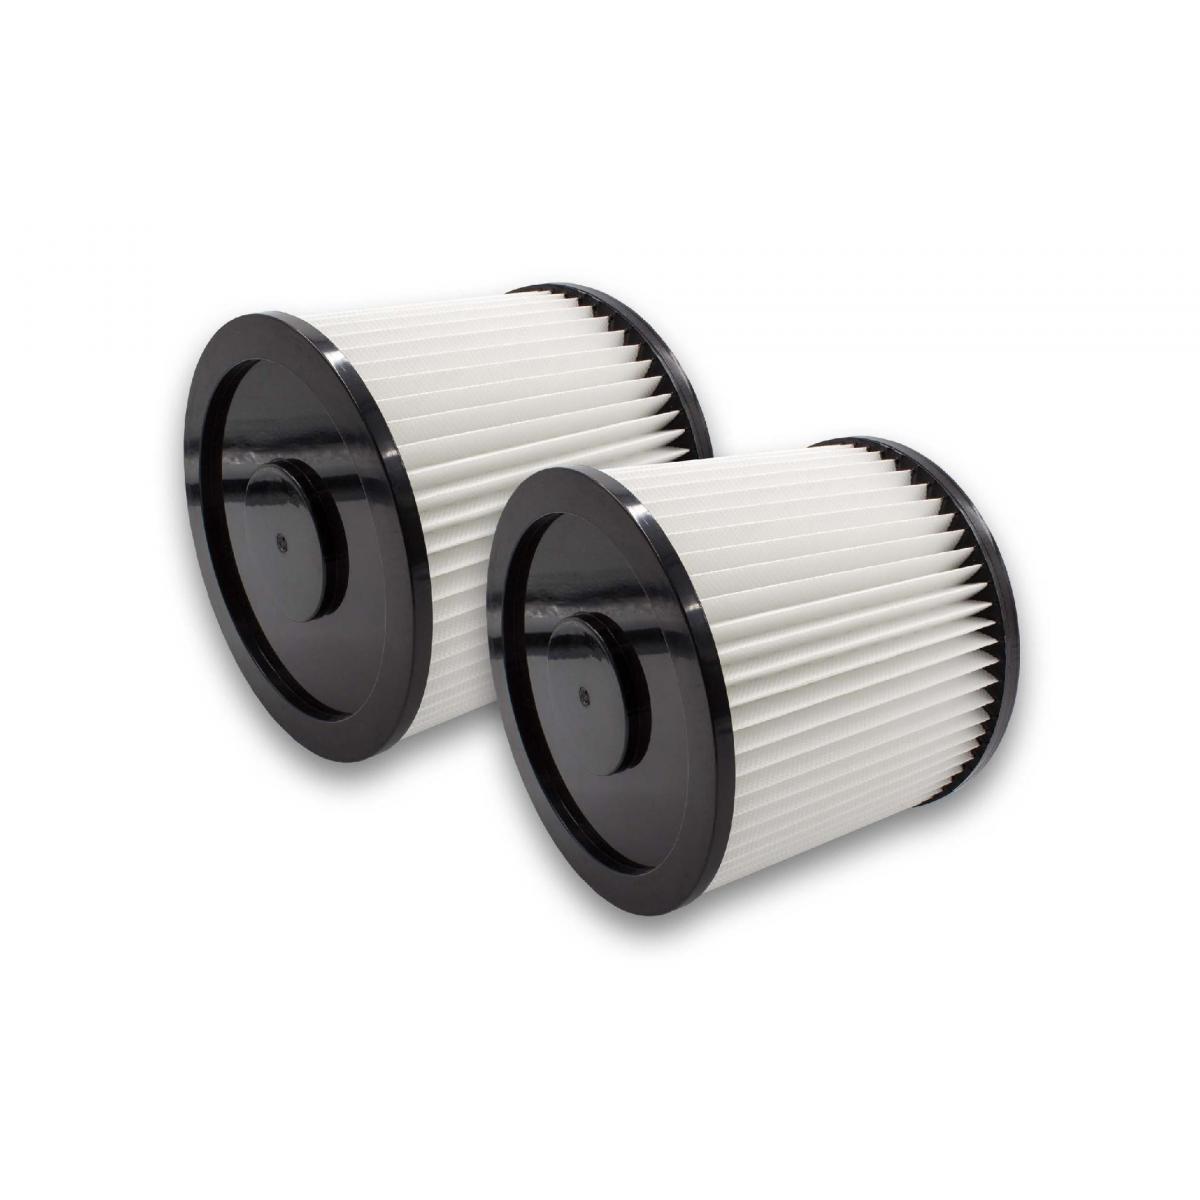 Vhbw vhbw 2x Filtre rond pour aspirateur multifonction compatible avec Aqua Vac Super 30, 40, 615 S1, 615 S2, 760